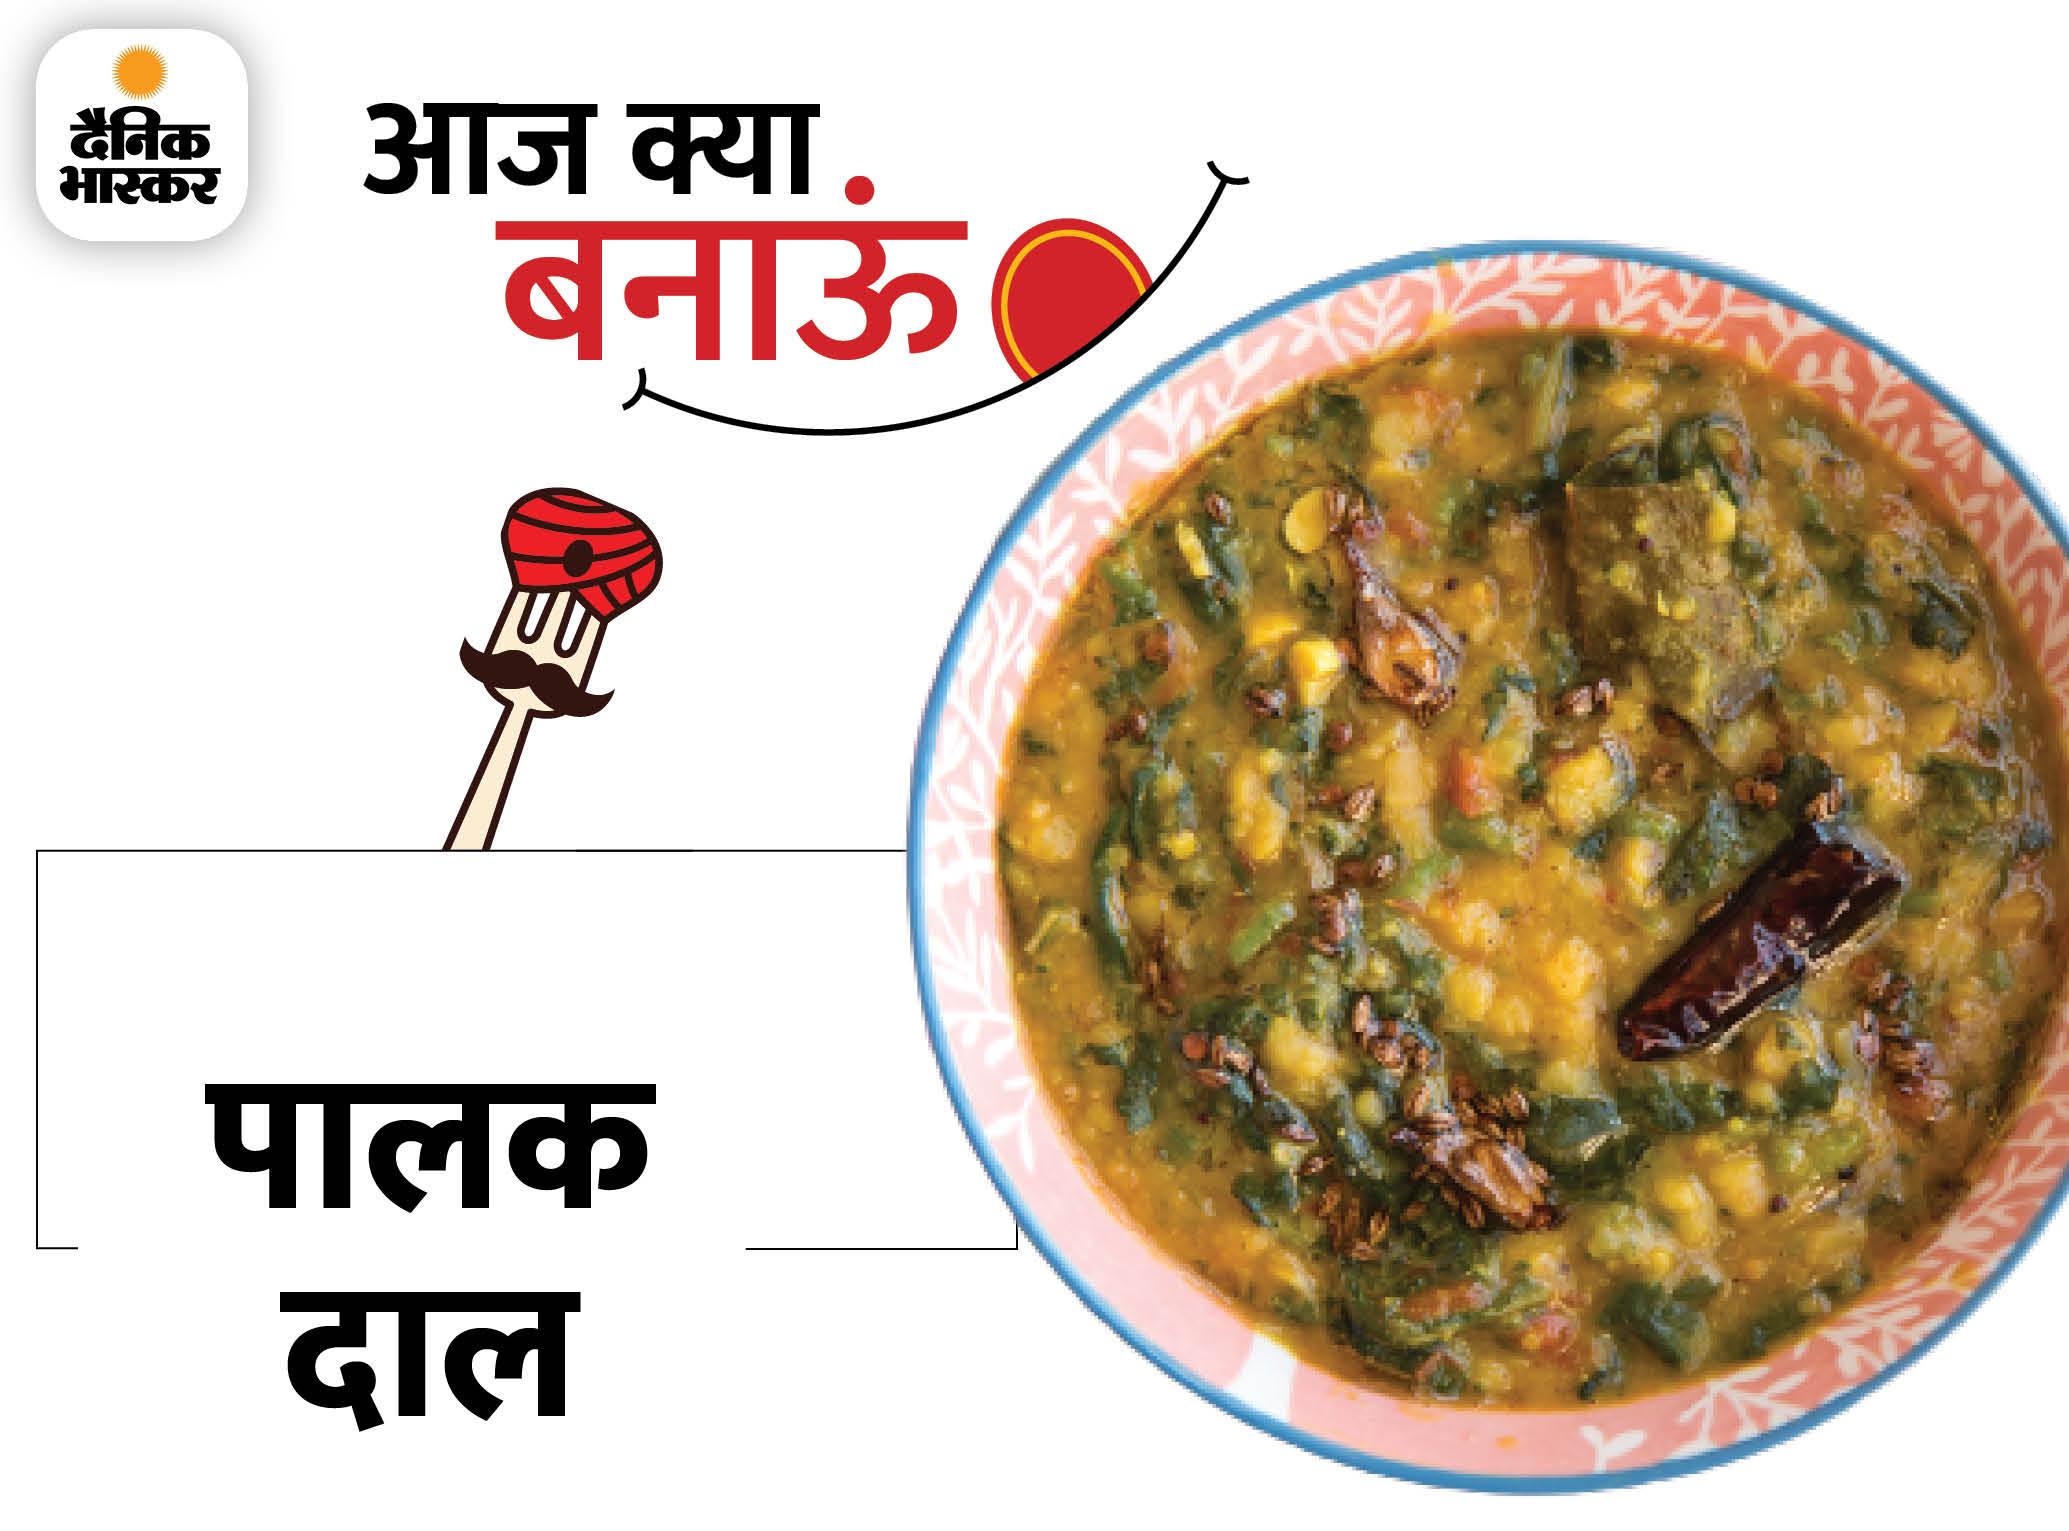 रात के खाने में कुछ हल्का खाने का मन हो तो पालक दाल बनाएं, इसे चावल या रोटी के साथ सर्व करें|लाइफस्टाइल,Lifestyle - Dainik Bhaskar